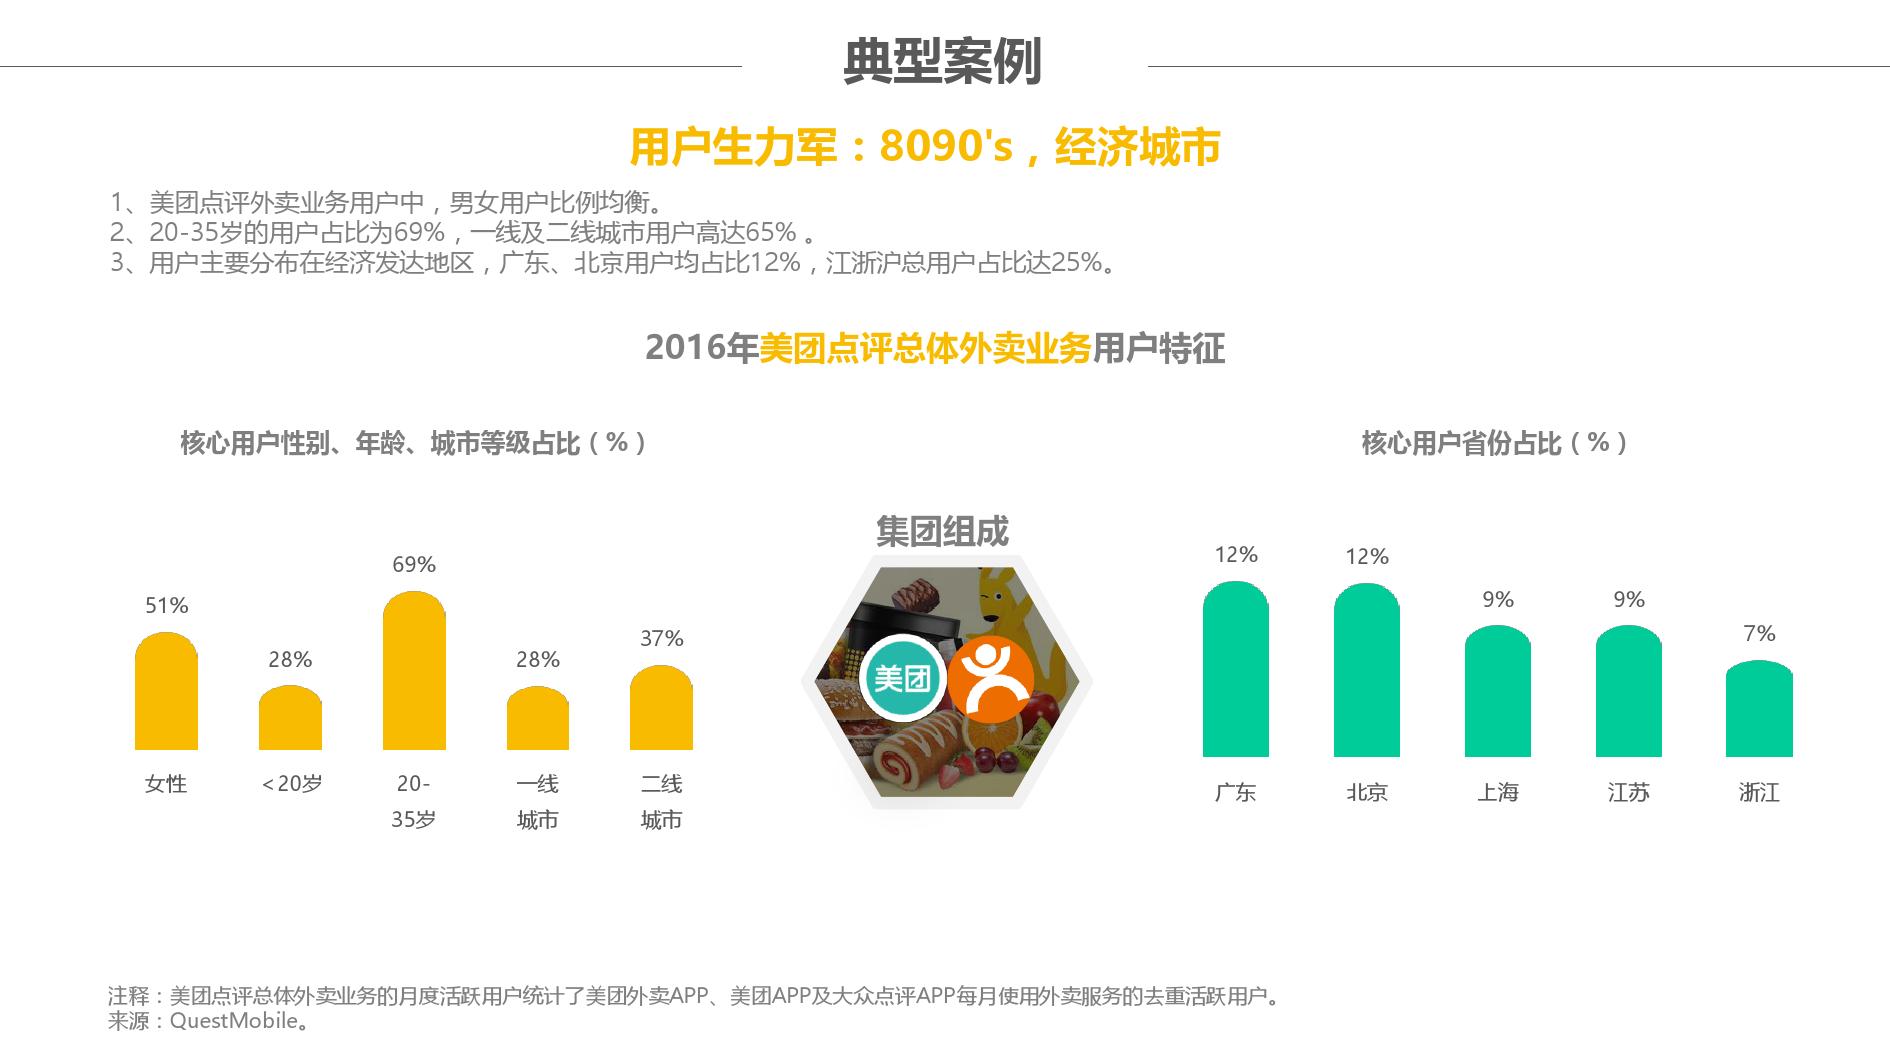 2016%e4%b8%ad%e5%9b%bd%e5%a4%96%e5%8d%96o2o%e8%a1%8c%e4%b8%9a%e6%b4%9e%e5%af%9f%e6%8a%a5%e5%91%8a_000006